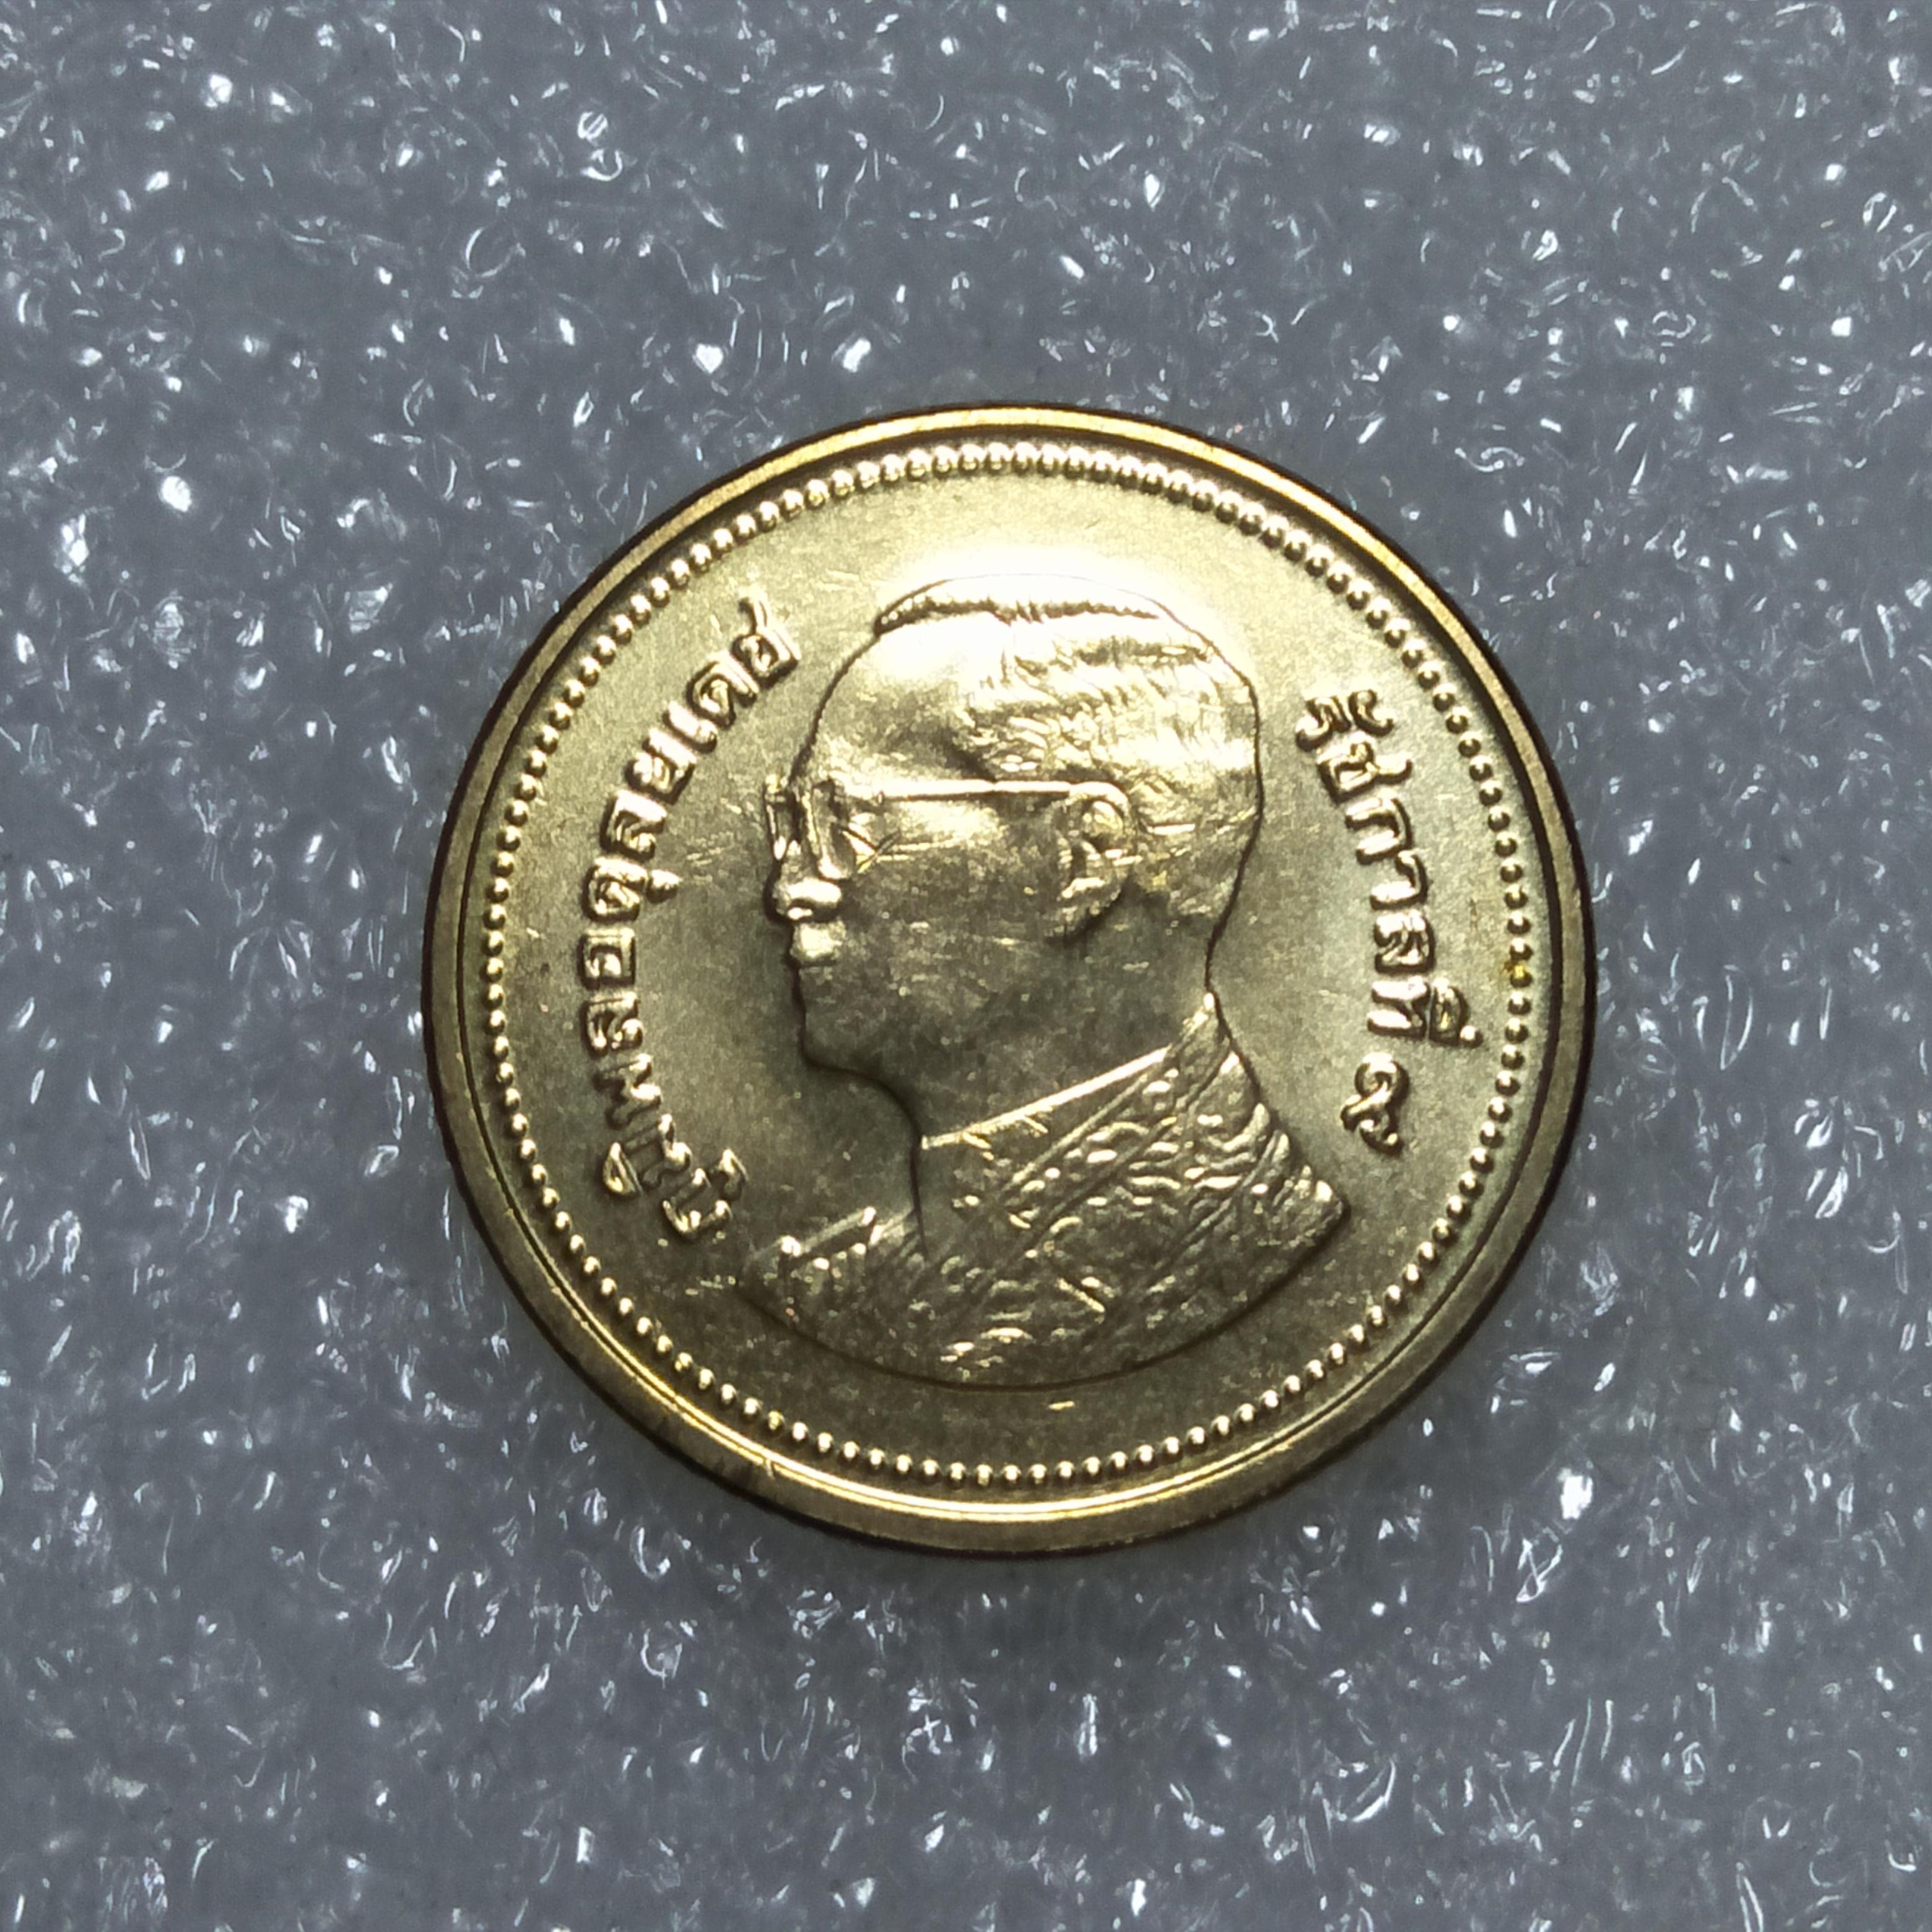 เหรียญ 2 บาท 2560 ไม่ผ่านใช้ UNC